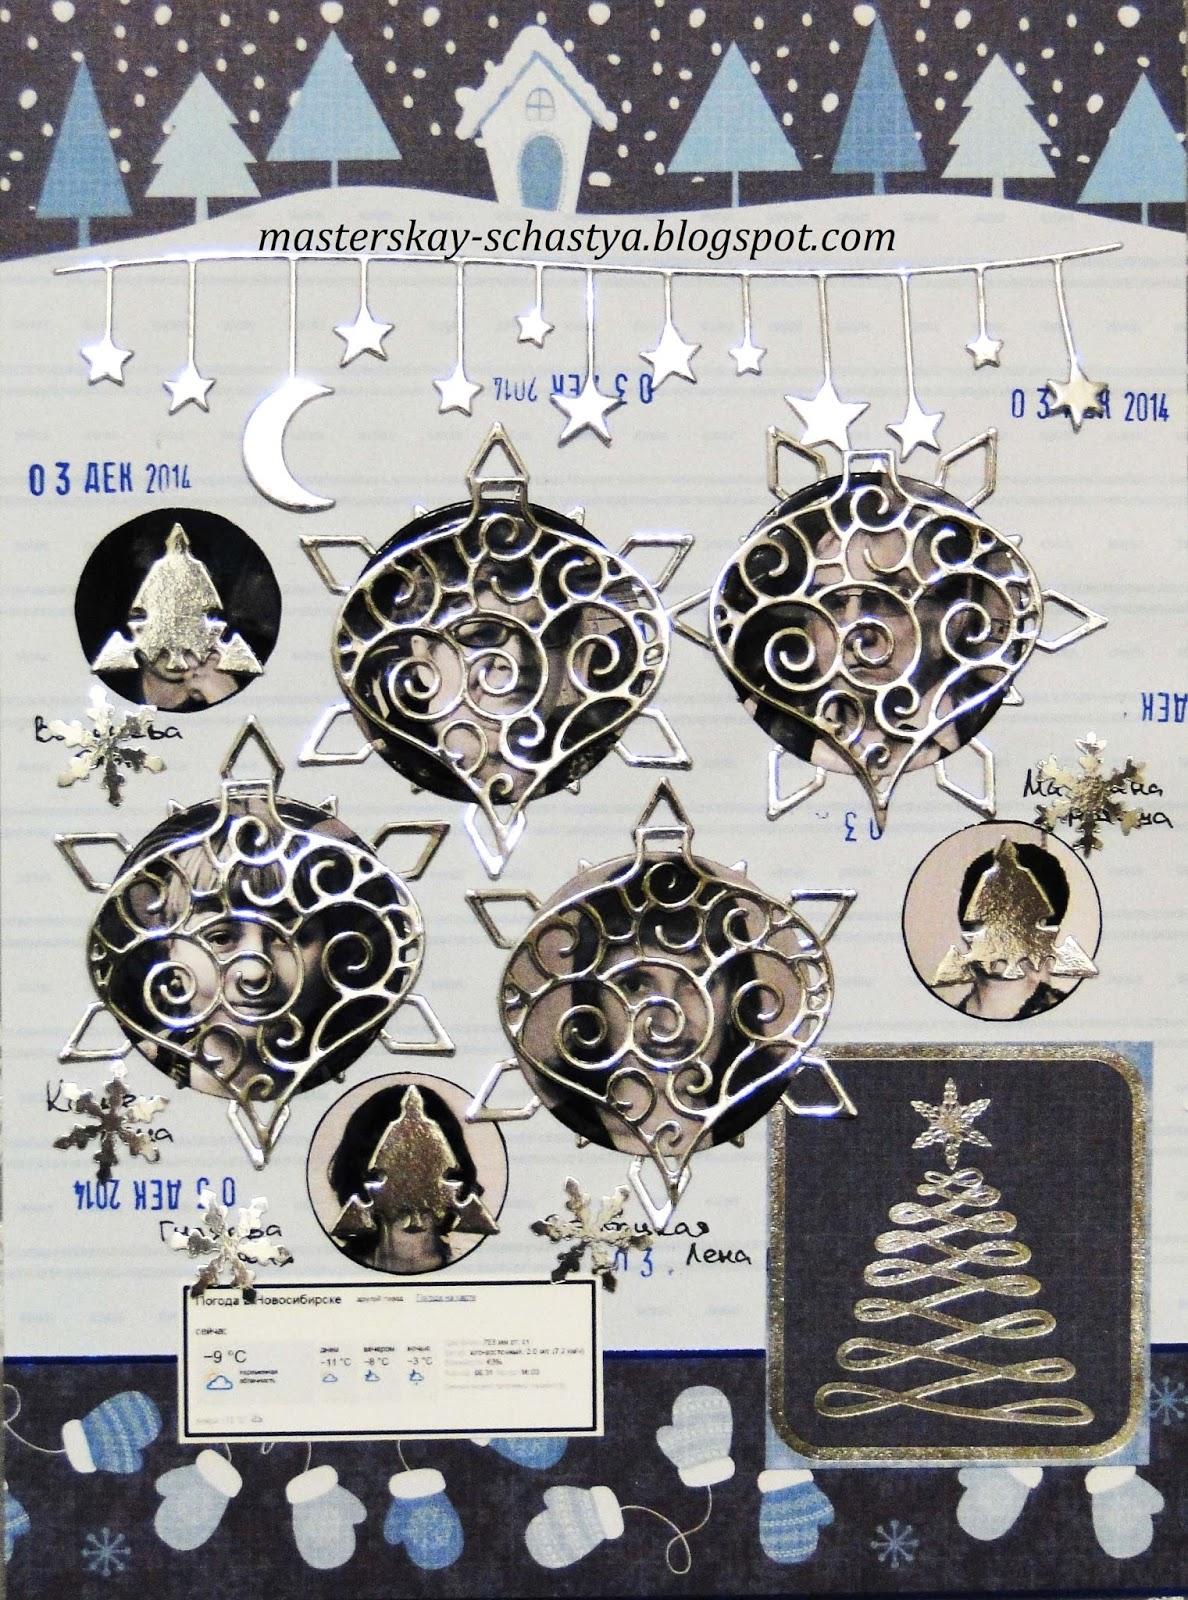 http://masterskay-schastya.blogspot.com/2014/12/DecemberDaily3.html